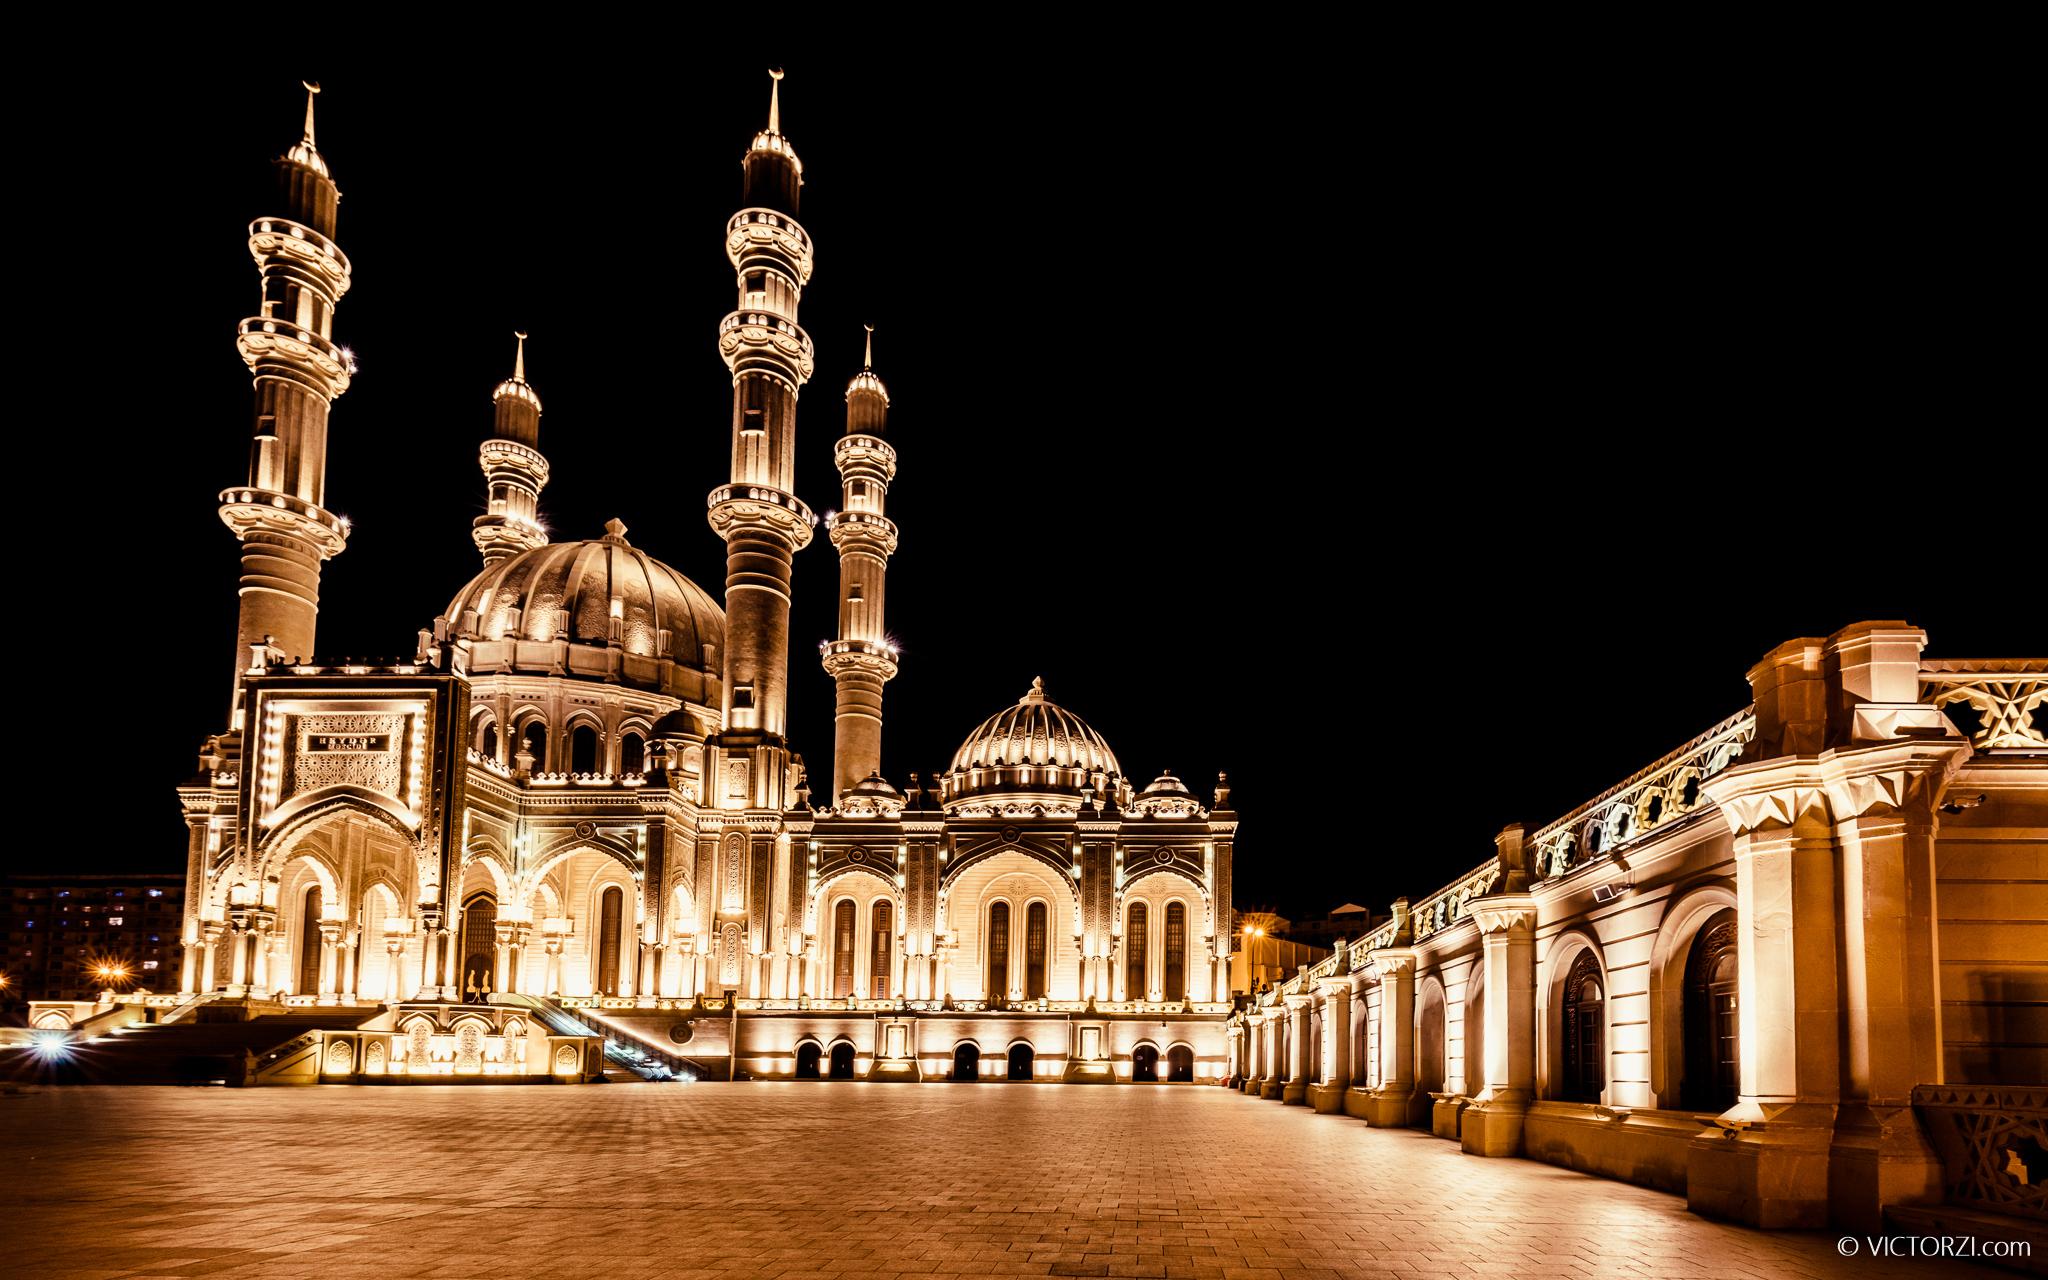 20191024 - Baku Photo Tour w Photo Tips